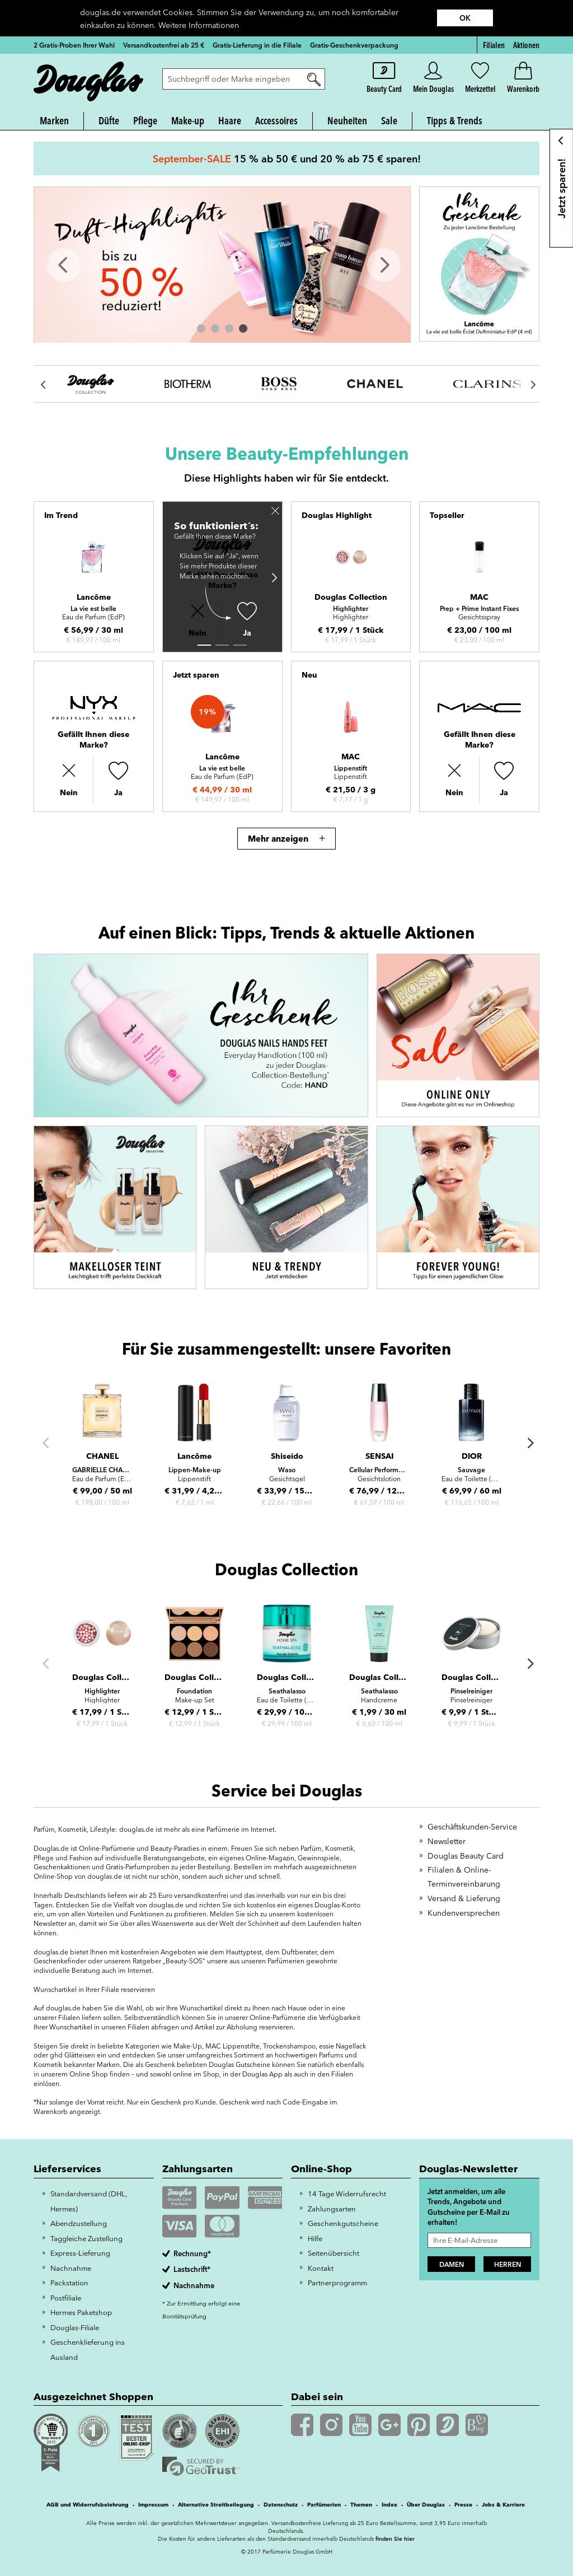 Perfect Geschenkgutscheine Proben Embellishment - FORTSETZUNG ...